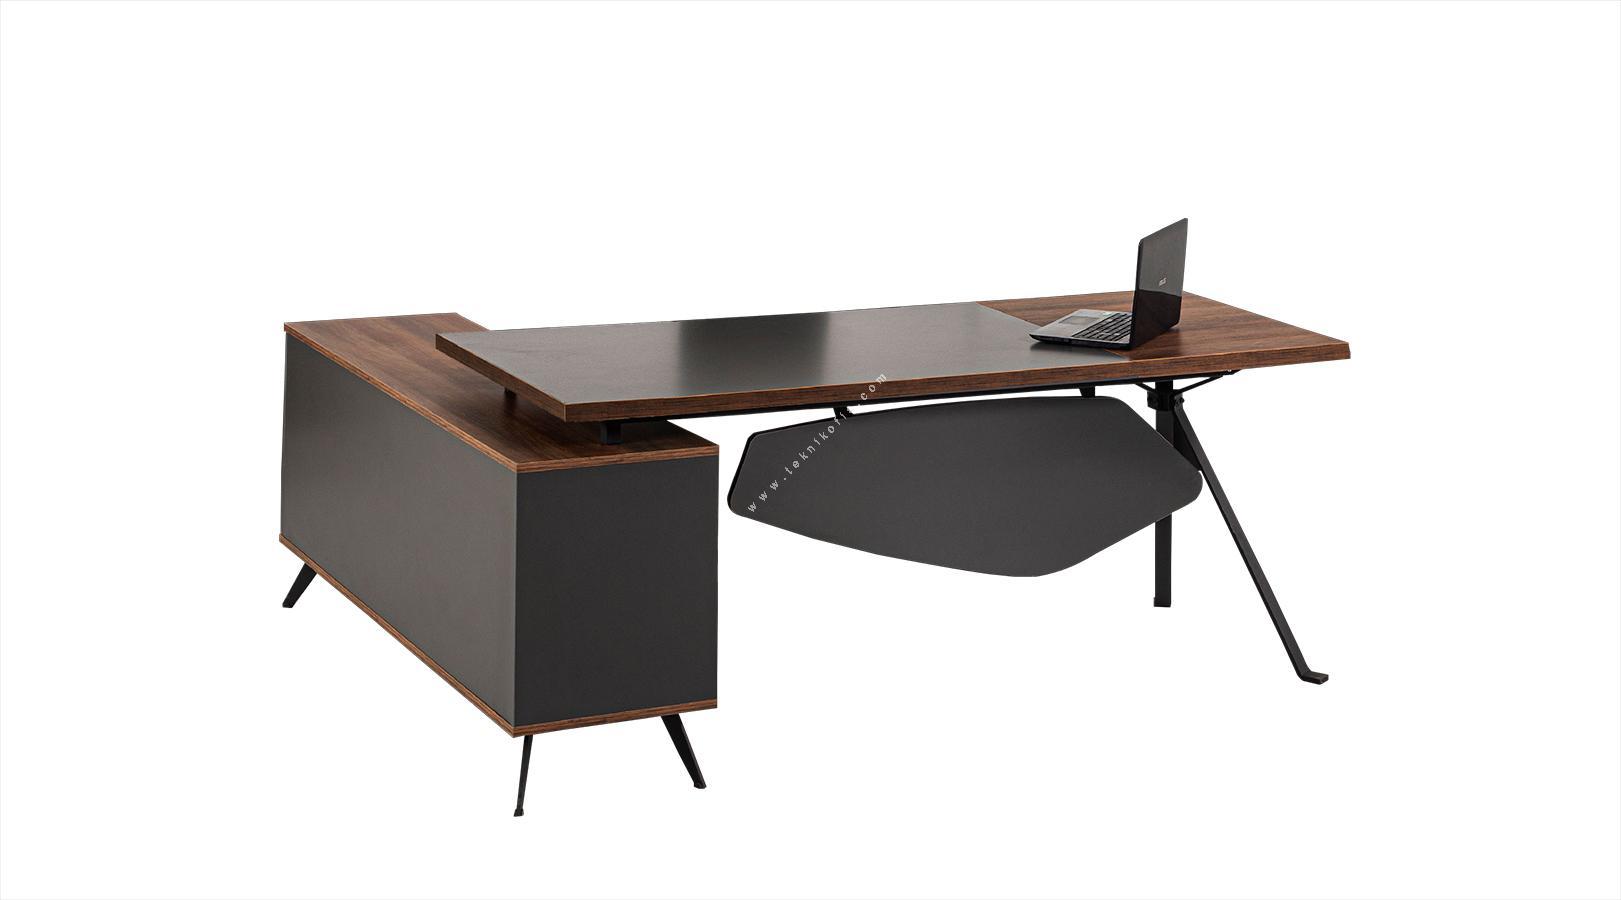 simur makam masası 200cm